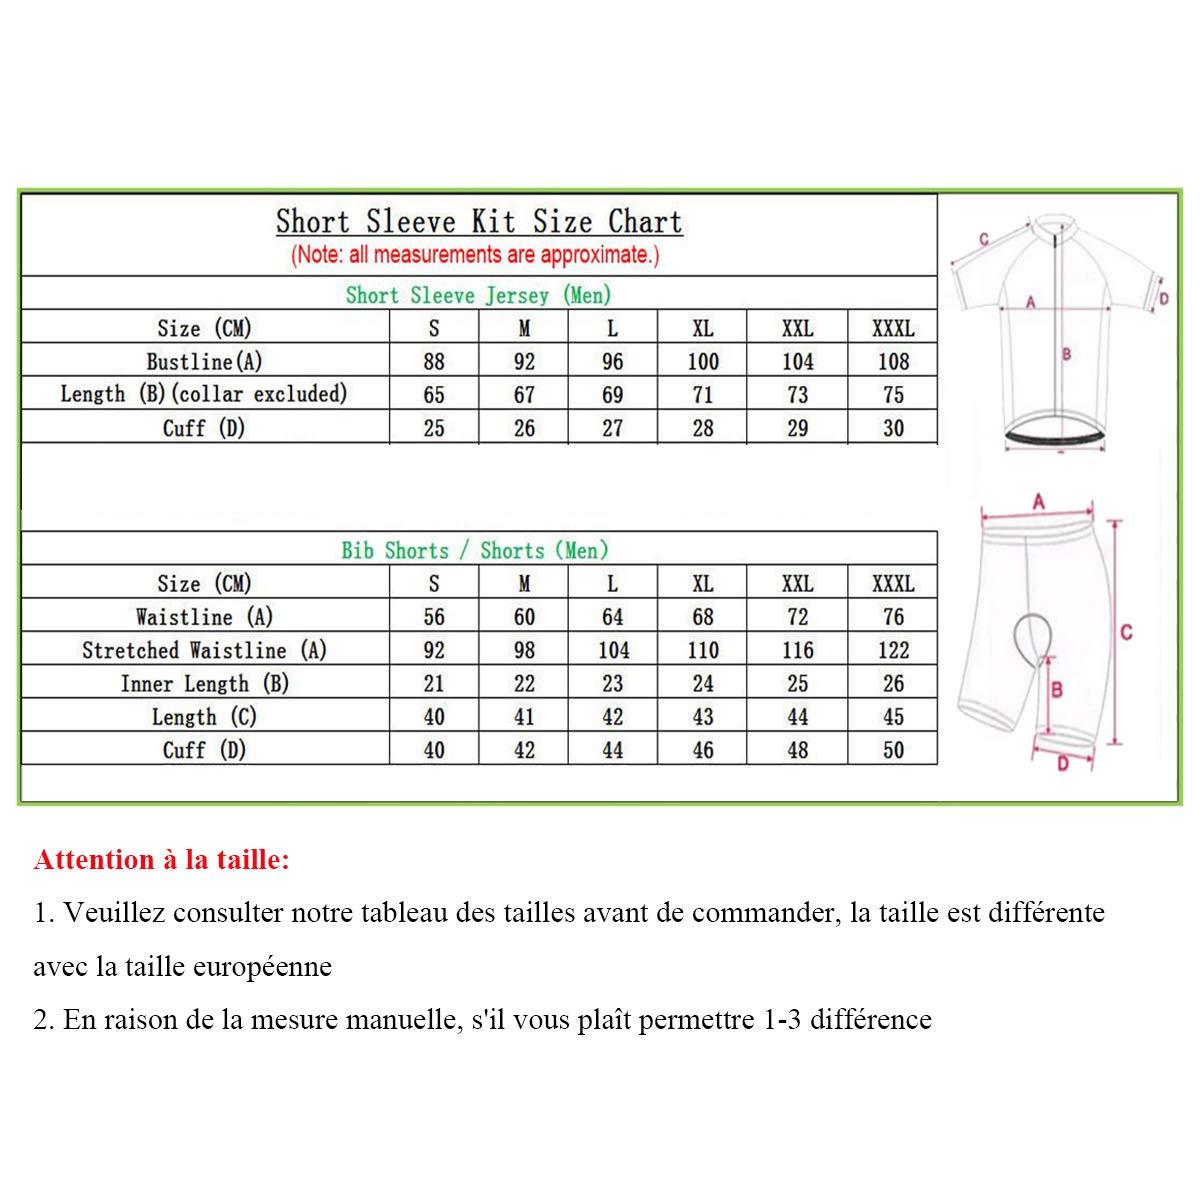 logas Completo Abbigliamento Ciclismo Uomo Estive Magliette Ciclismo Maniche Corte Pantaloncini Ciclismo Uomo